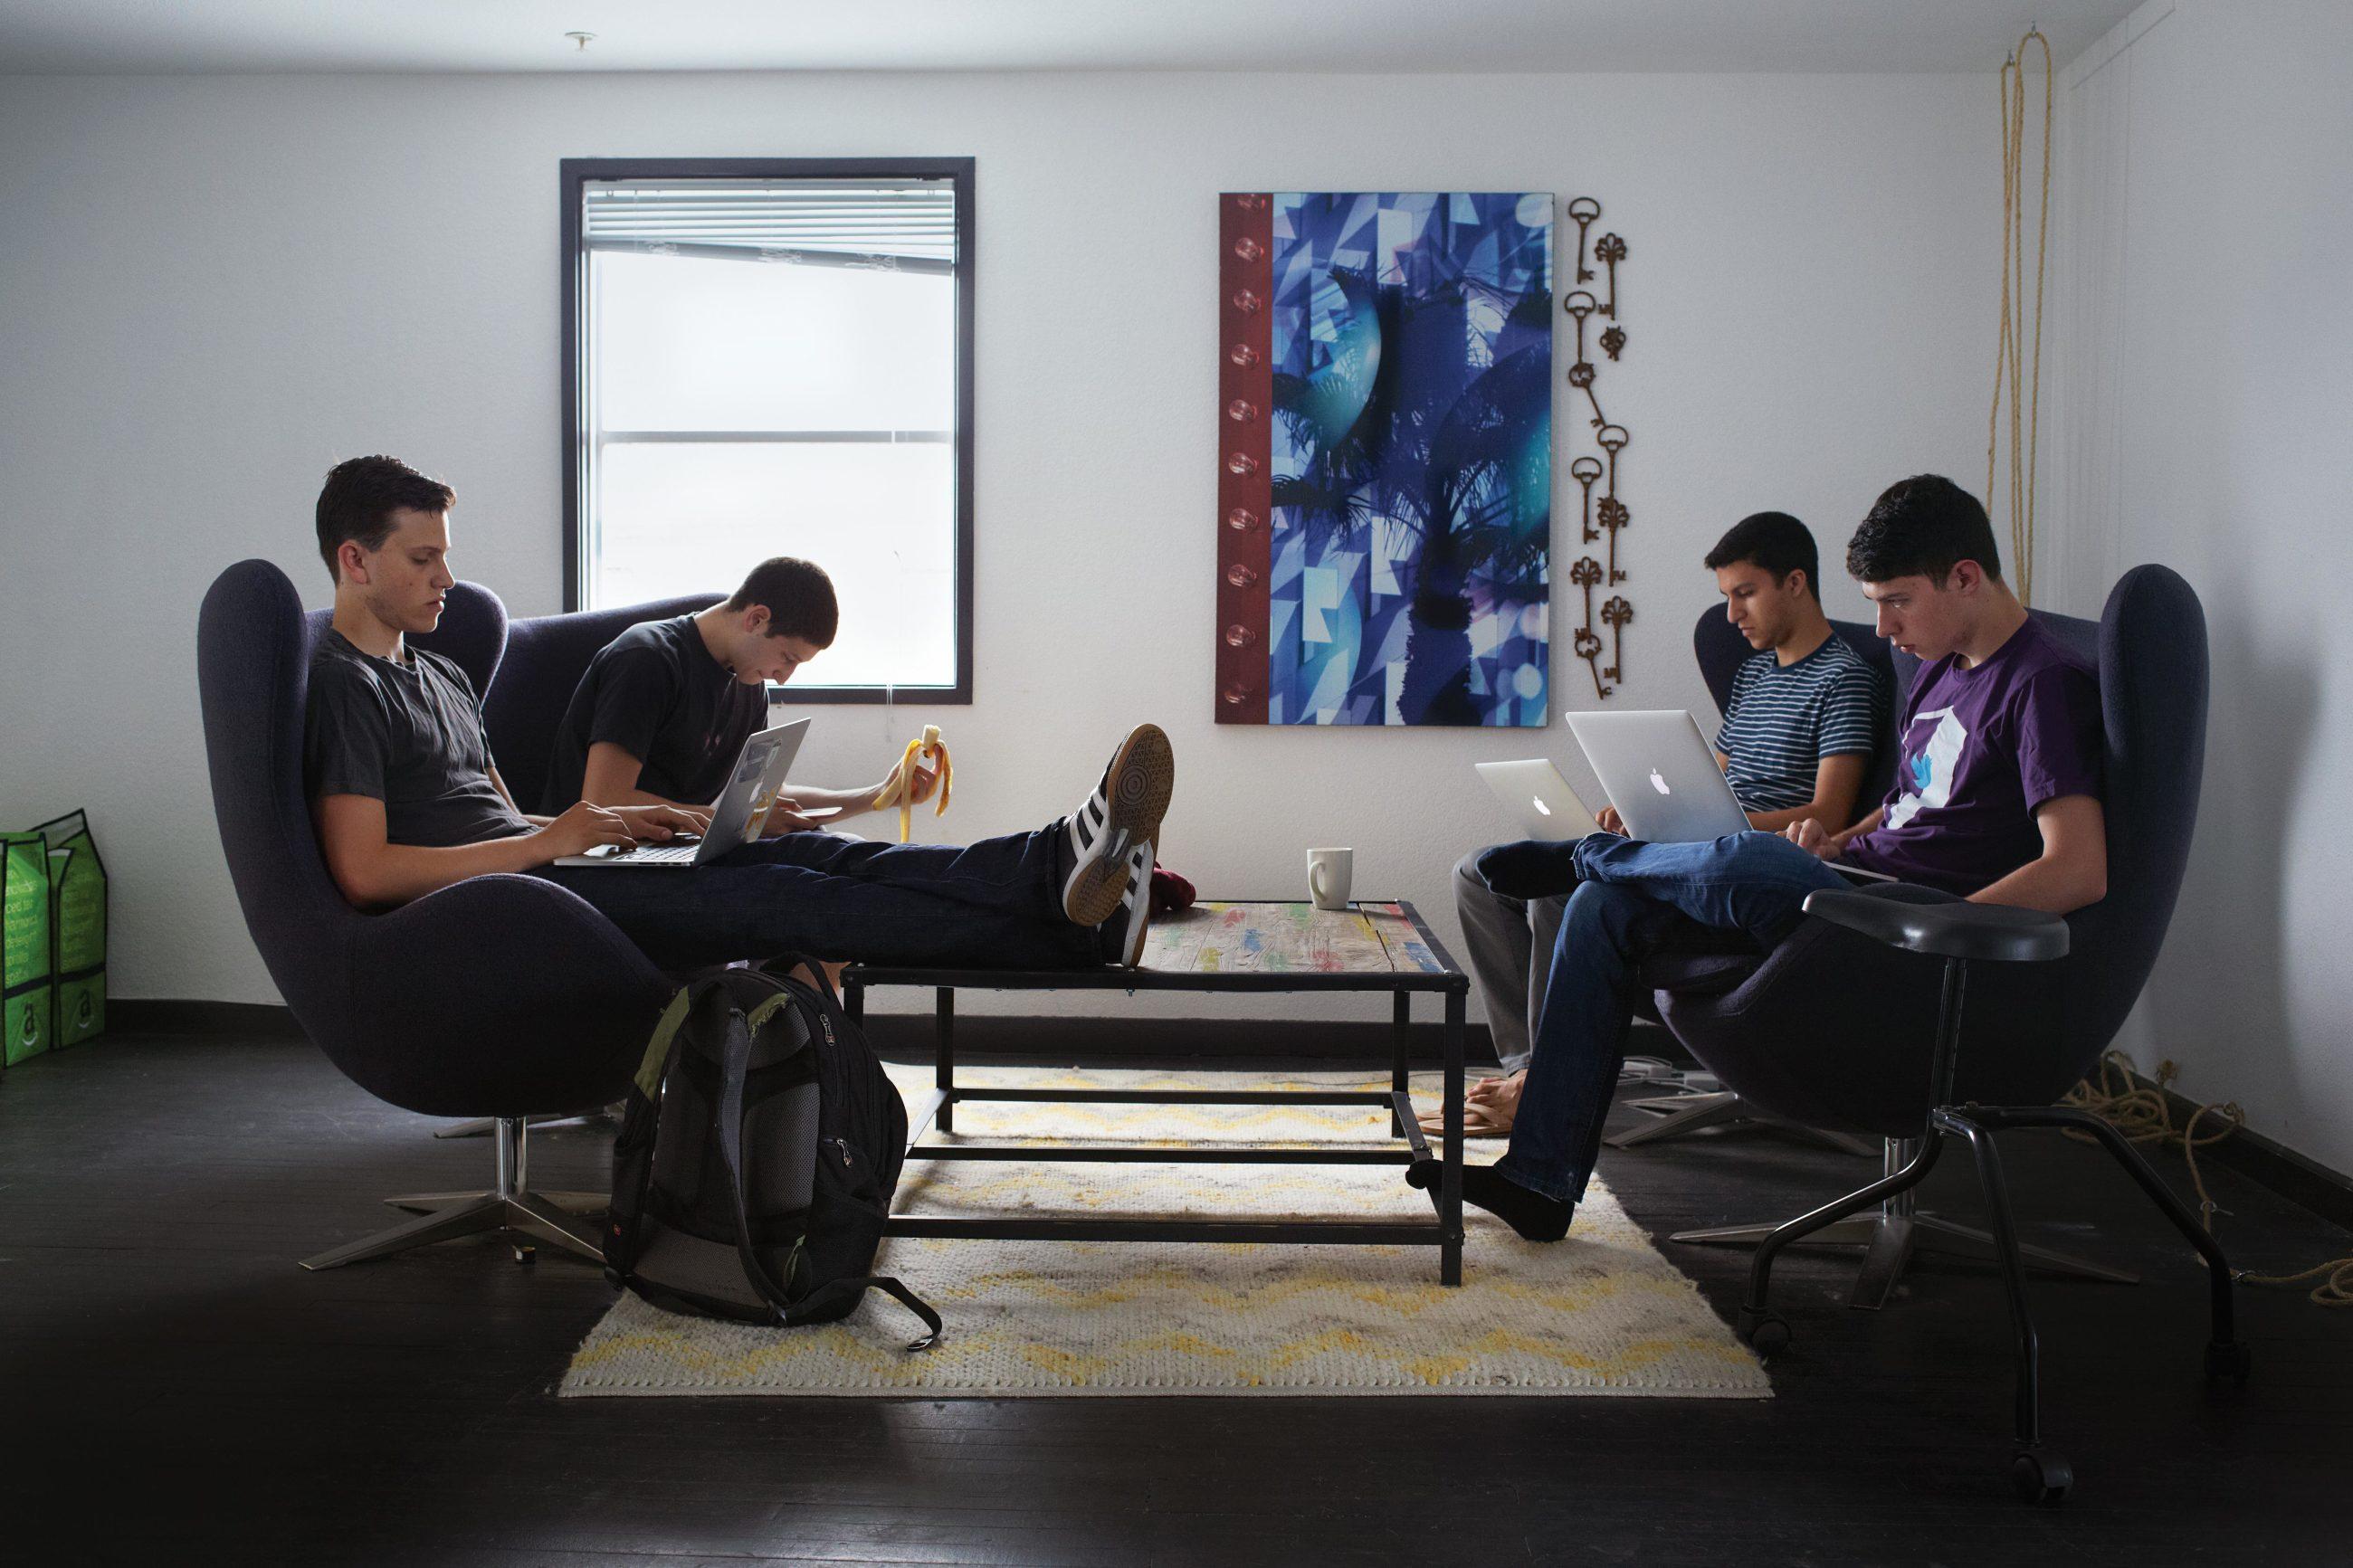 Kramer, Weinstein, Matin et Nick Frey, des adolescents suivi par les journalistes © Michael Schmelling via